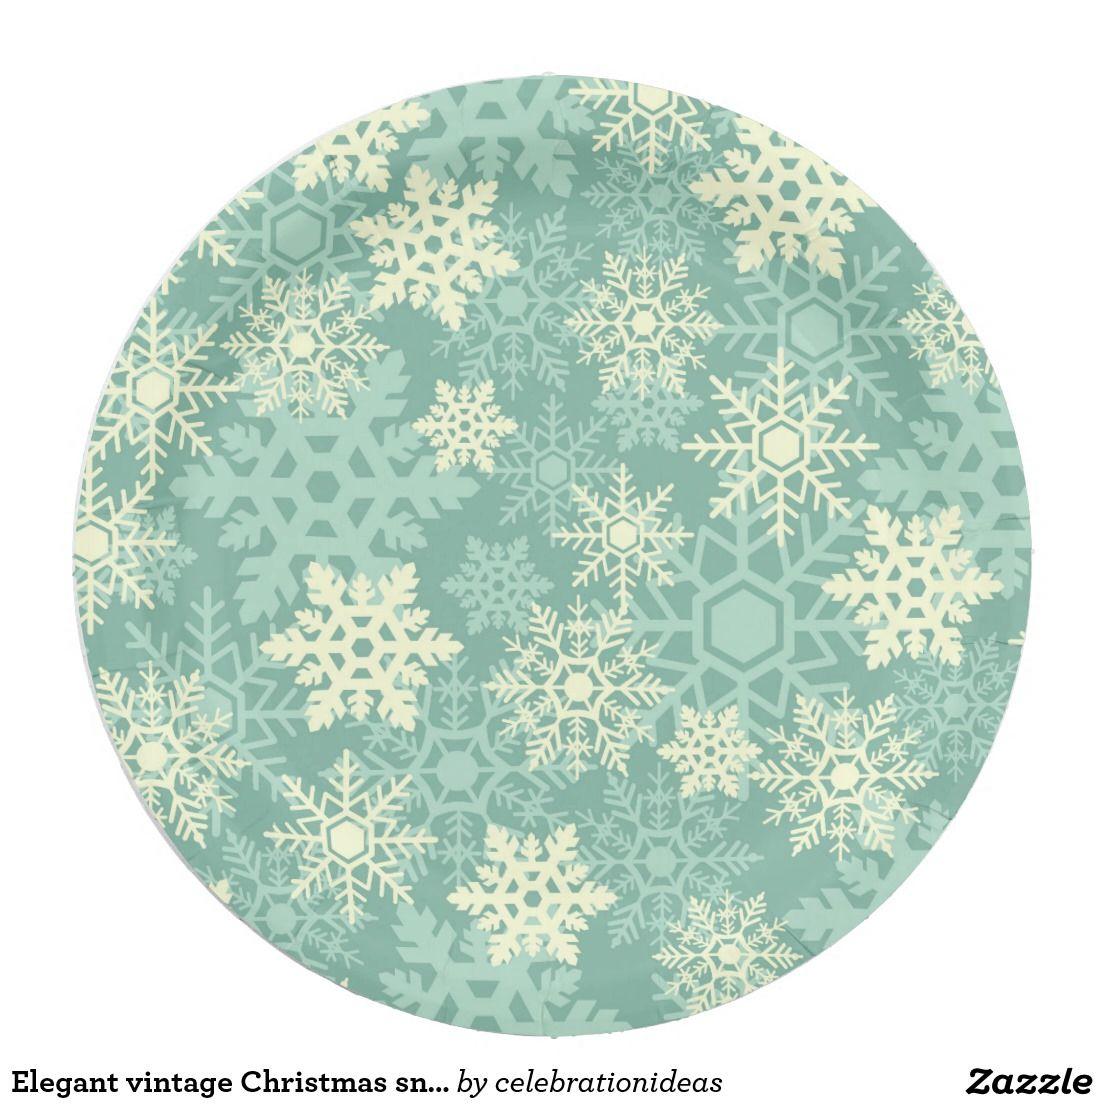 Elegant vintage Christmas snowflakes | Custom CHRISTMAS Paper Plates | Pinterest | Christmas snowflakes Vintage christmas and Christmas paper plates  sc 1 st  Pinterest & Elegant vintage Christmas snowflakes | Custom CHRISTMAS Paper Plates ...